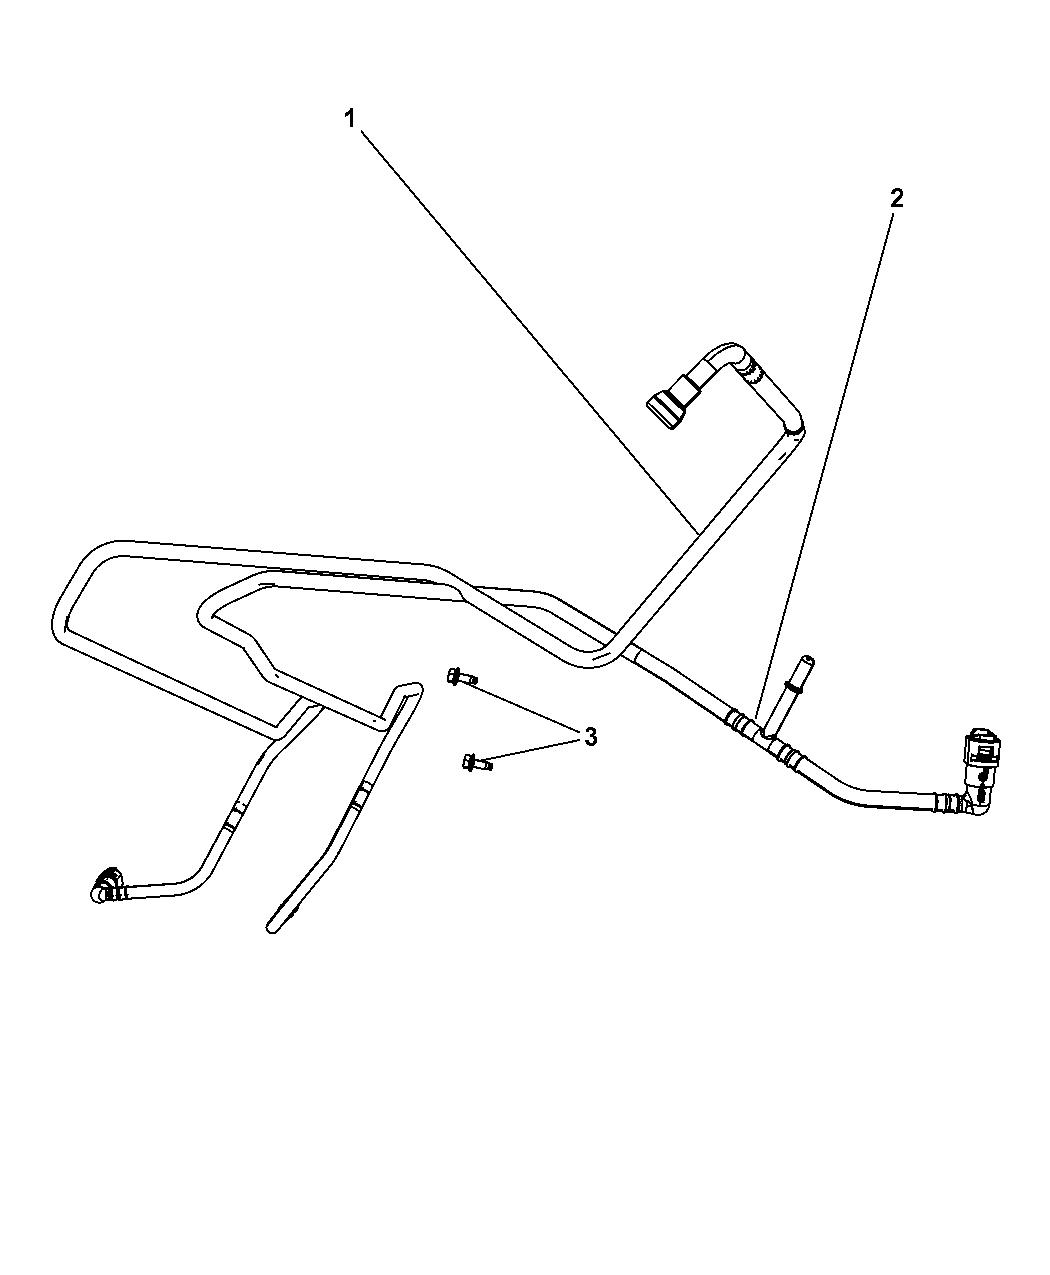 2007 Jeep Wrangler Fuel Lines Mopar Parts Giant Gas Tank Diagram Thumbnail 2